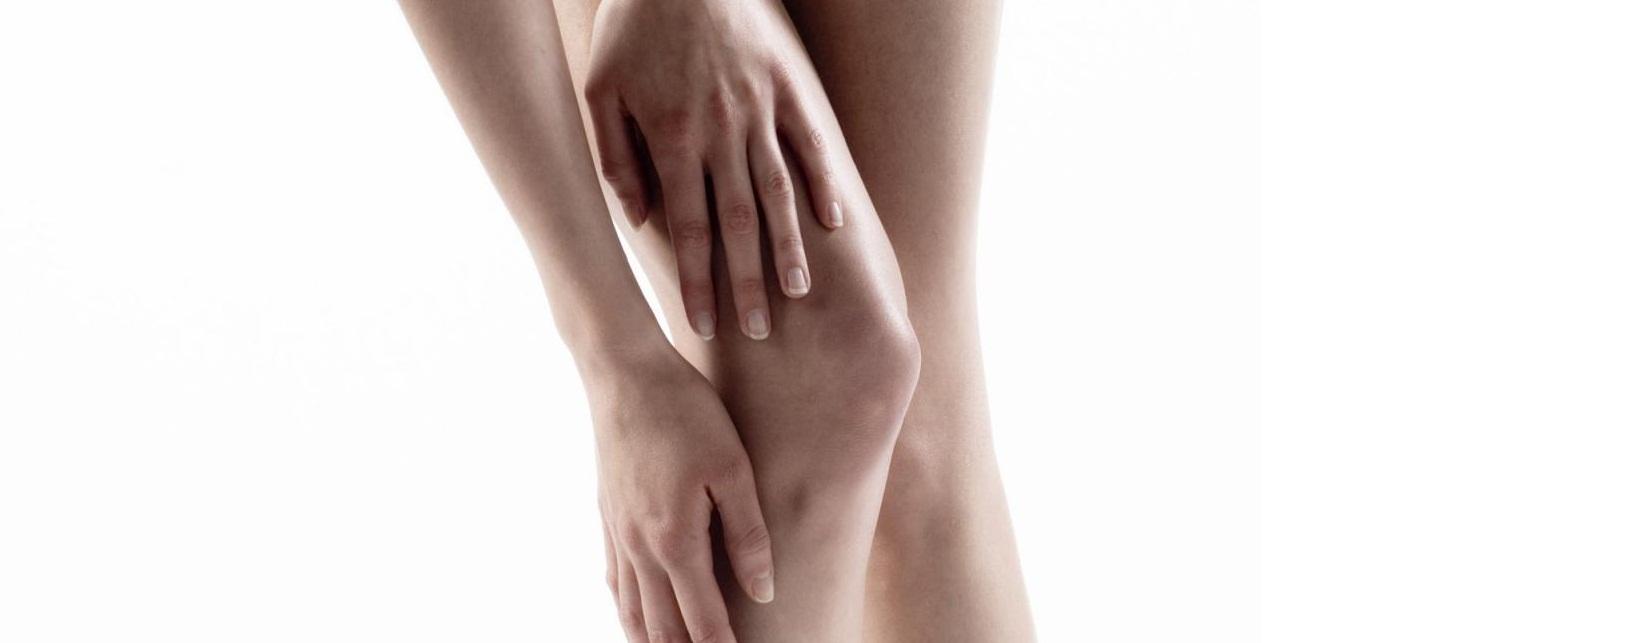 Почему болит сзади колена у женщин